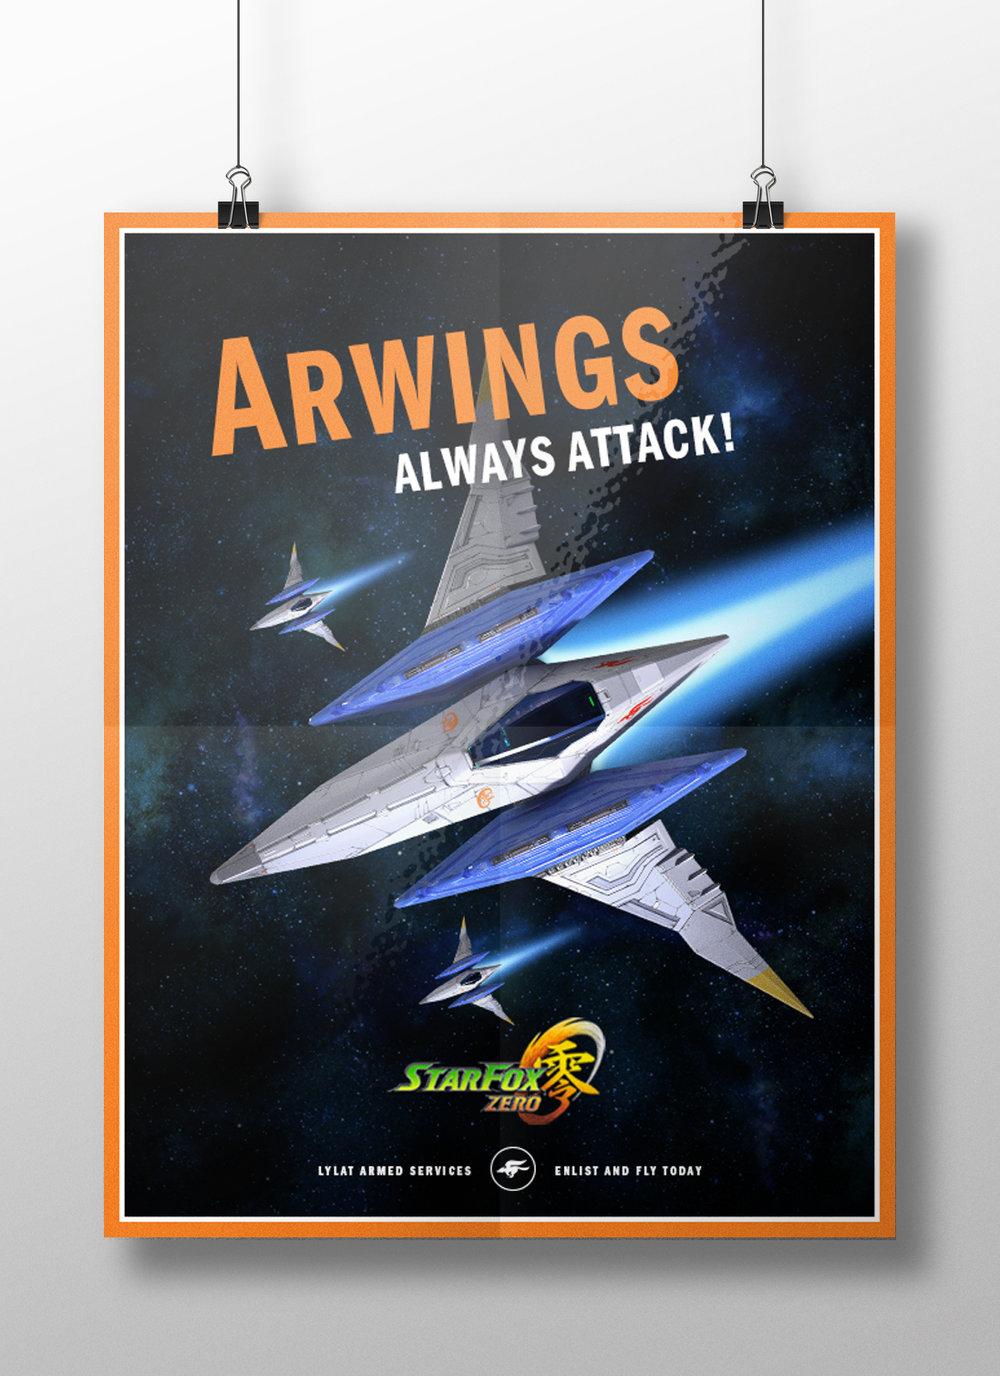 arwings.jpg